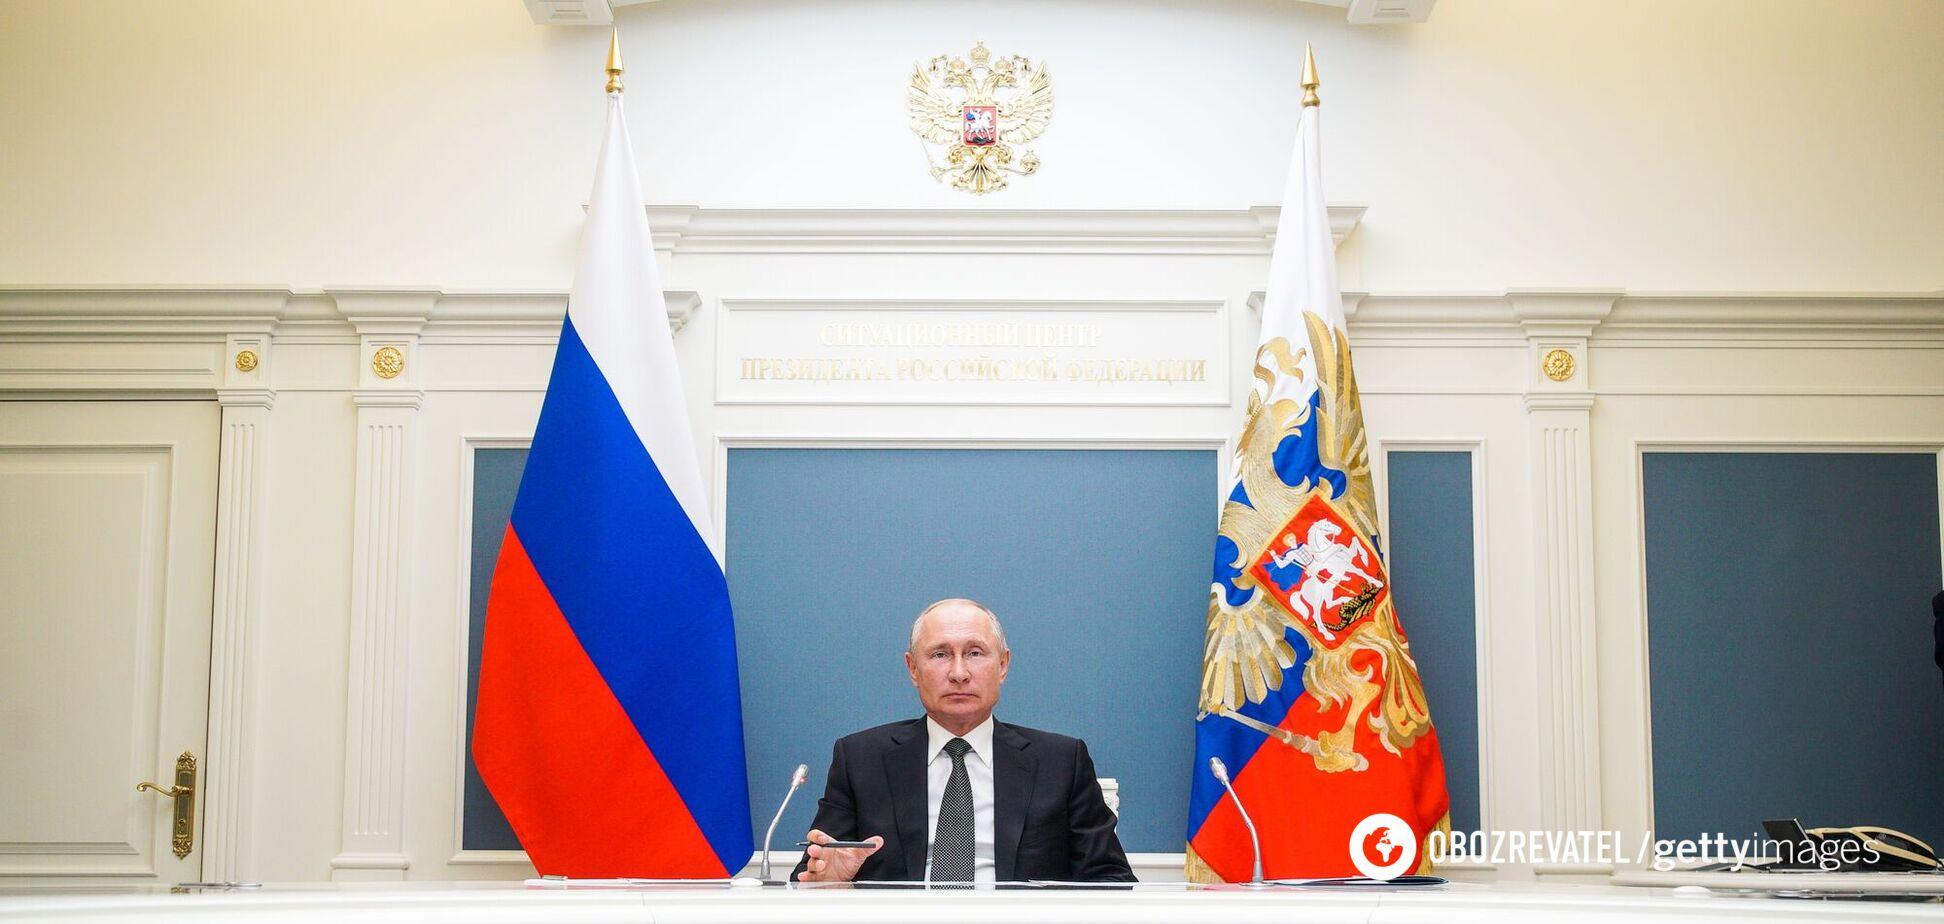 Президент Росії Володимир Путін втрачає вплив у світі, вважають експерти